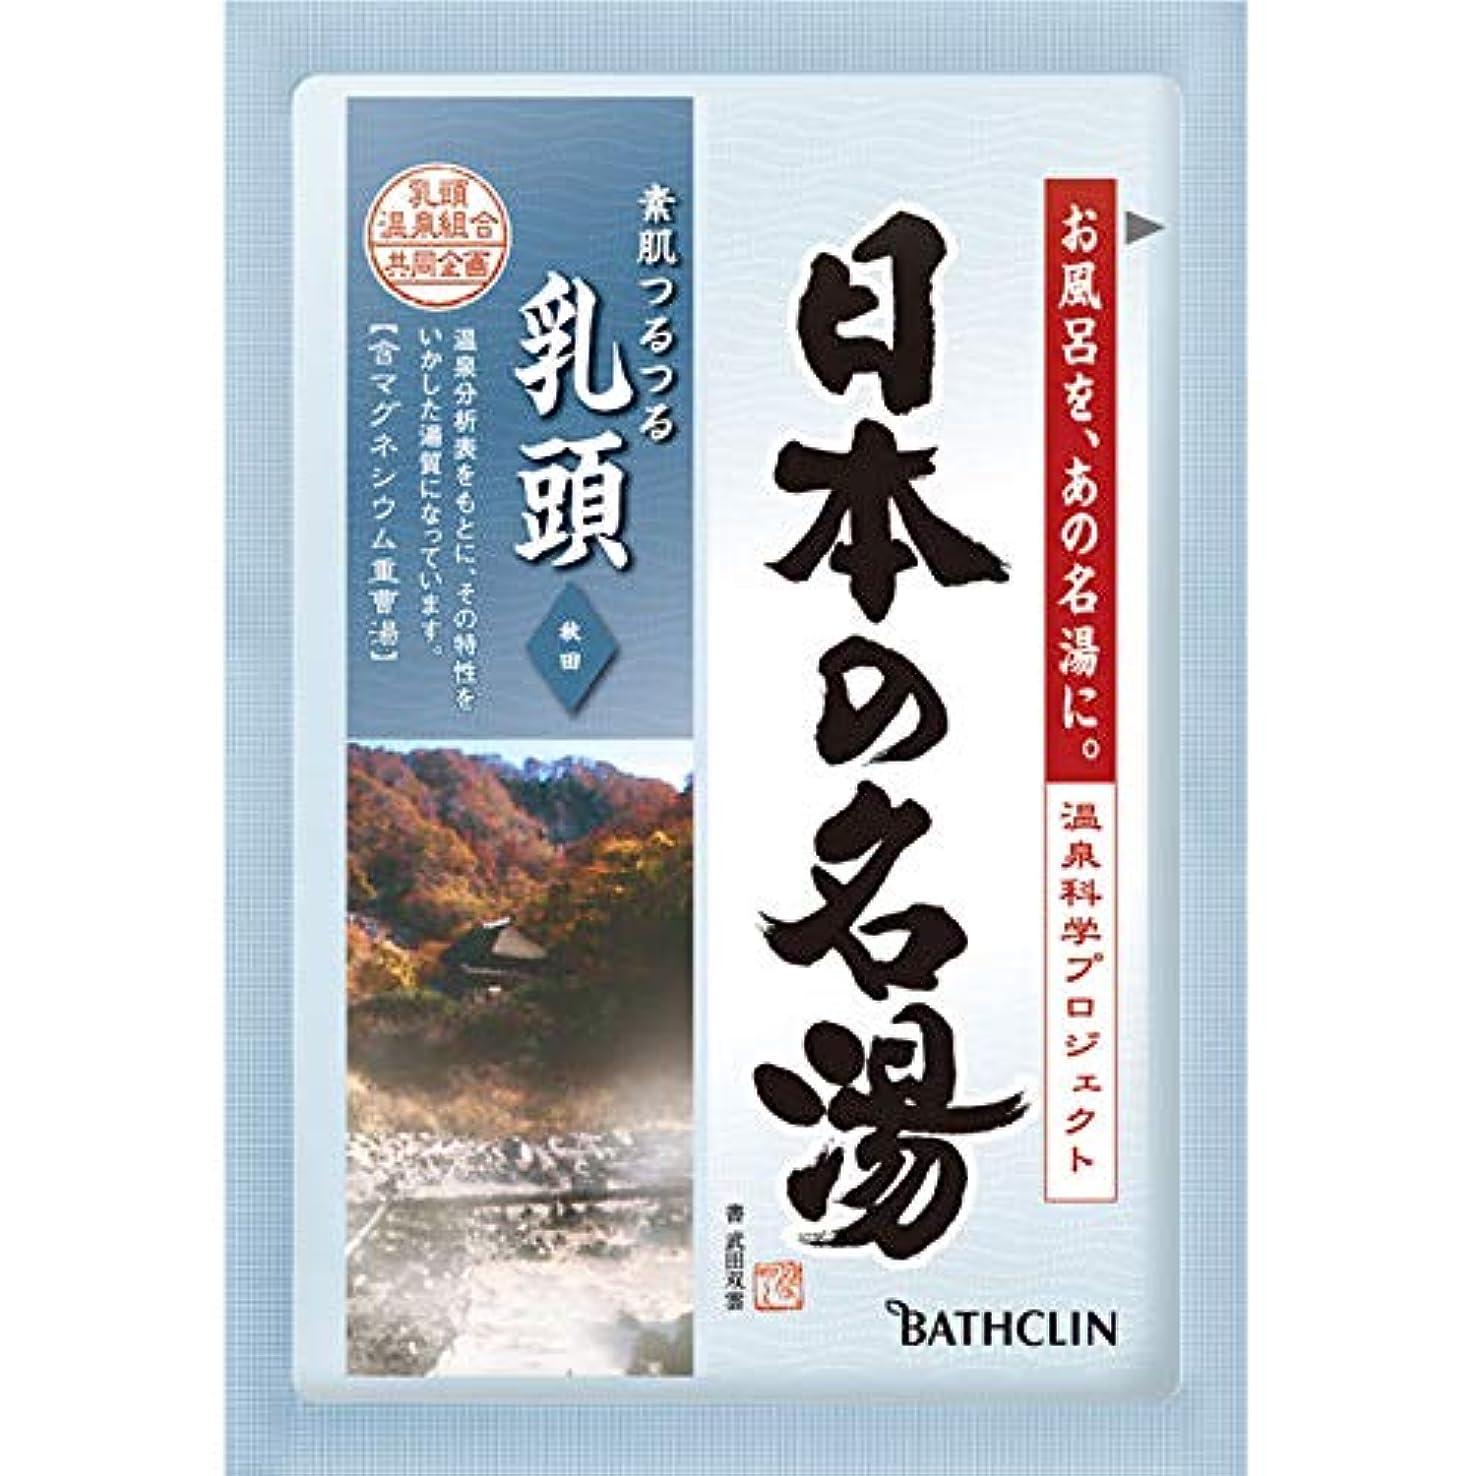 集める受信機高さバスクリン 日本の名湯 乳頭 30g (医薬部外品)